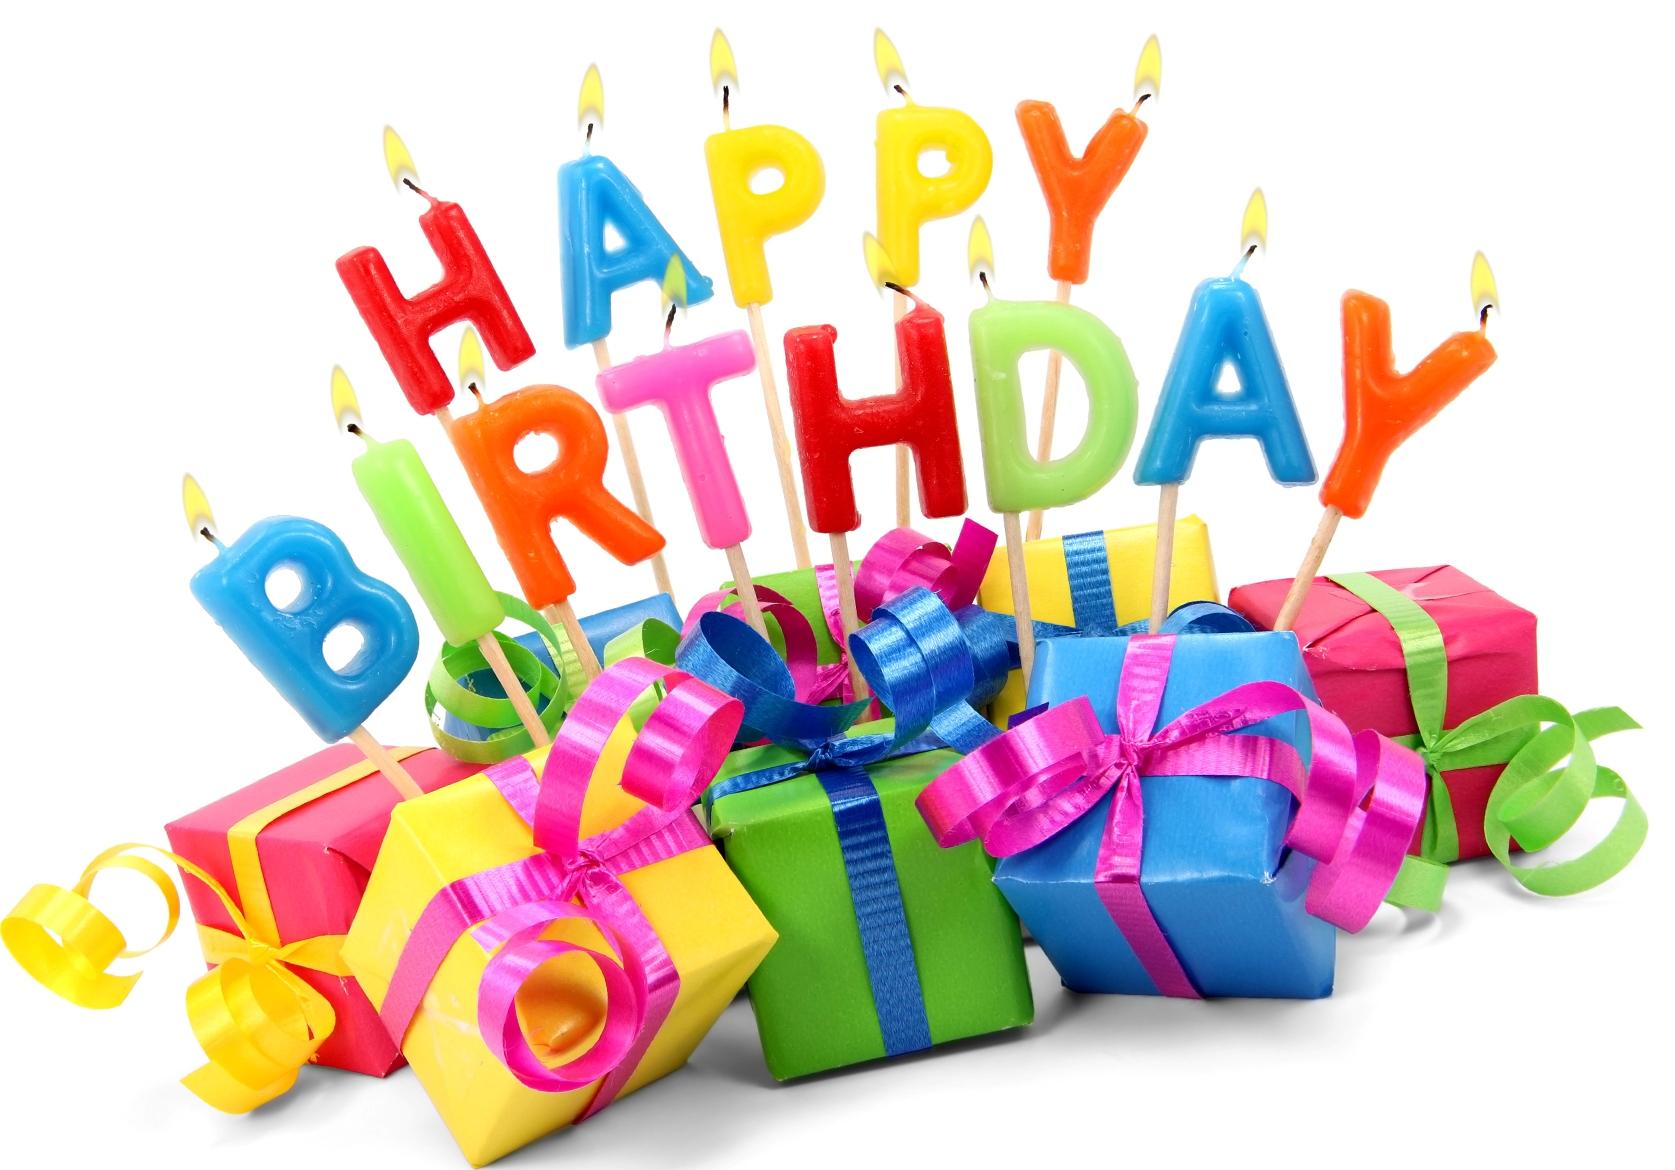 Free photo: Birthday Presents - Birthday, Gift, Object ...